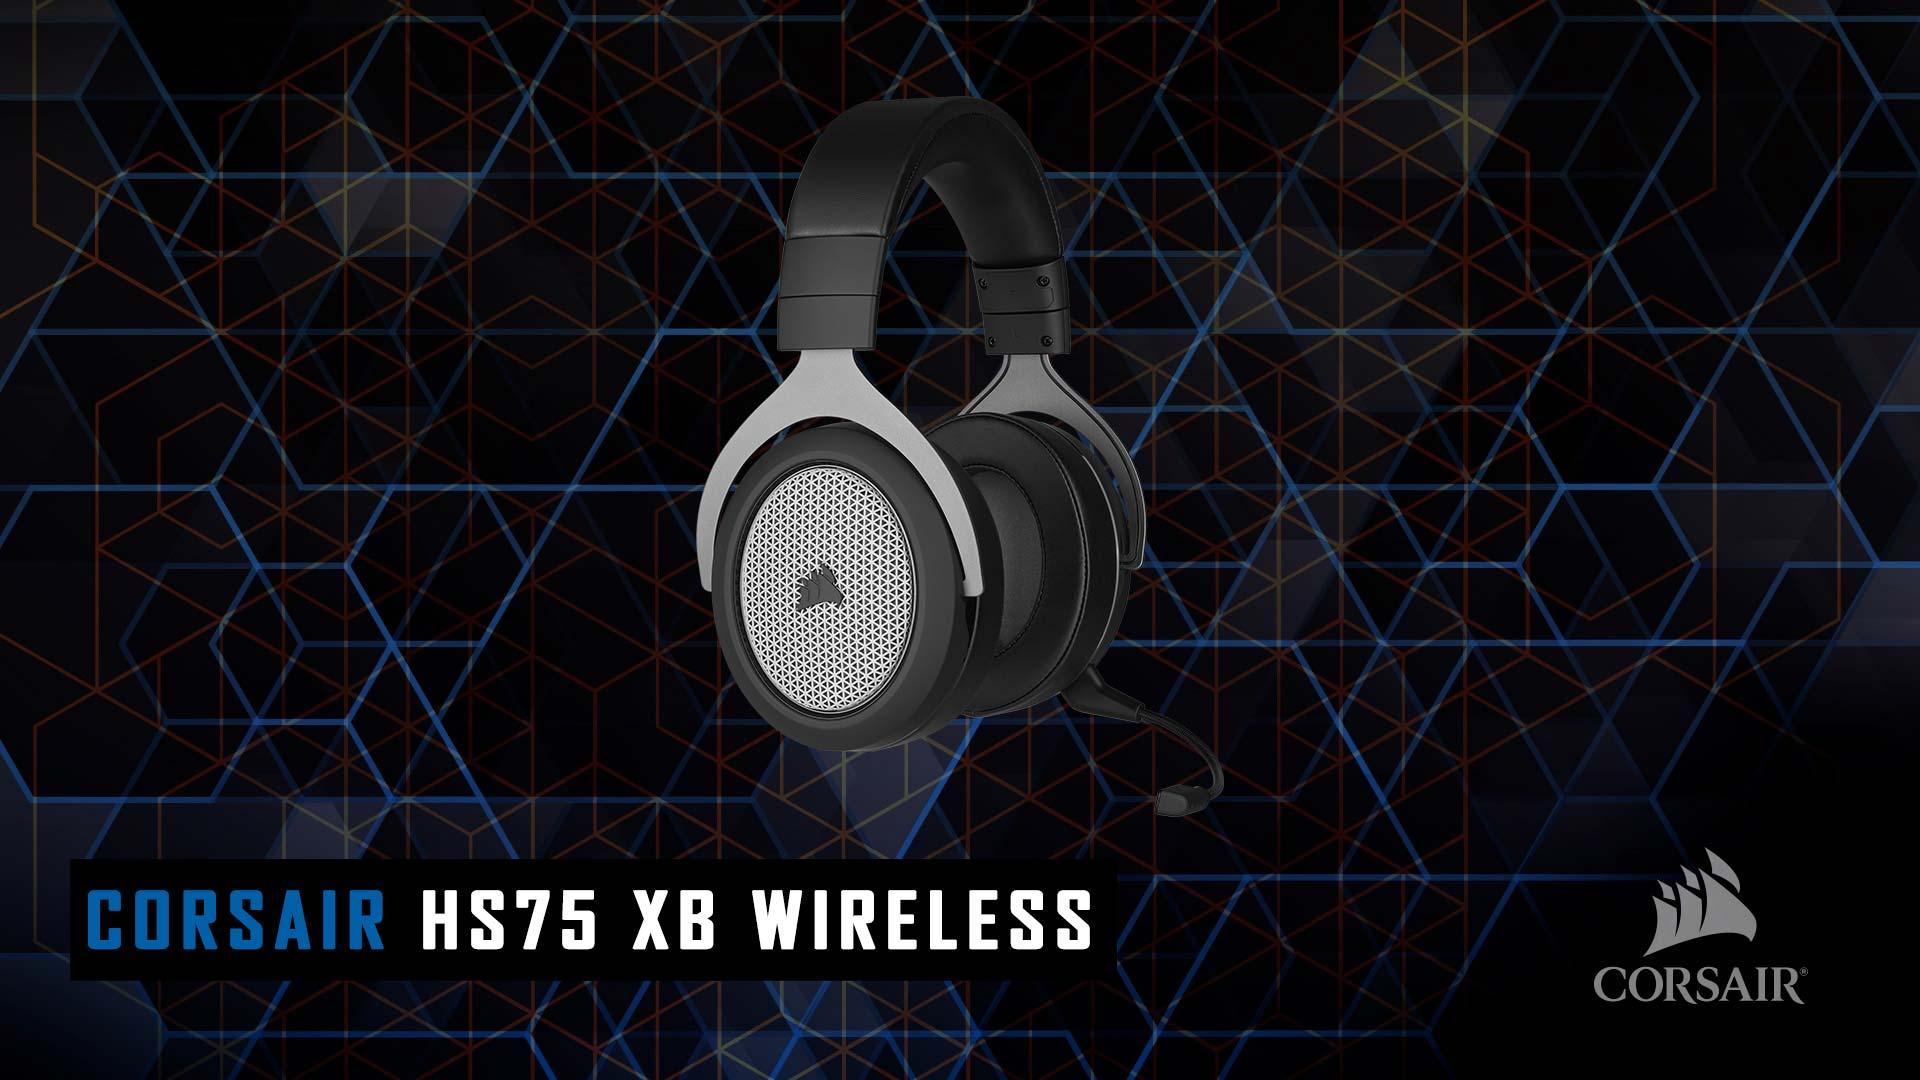 Corsair HS 75 XB wireless recensione